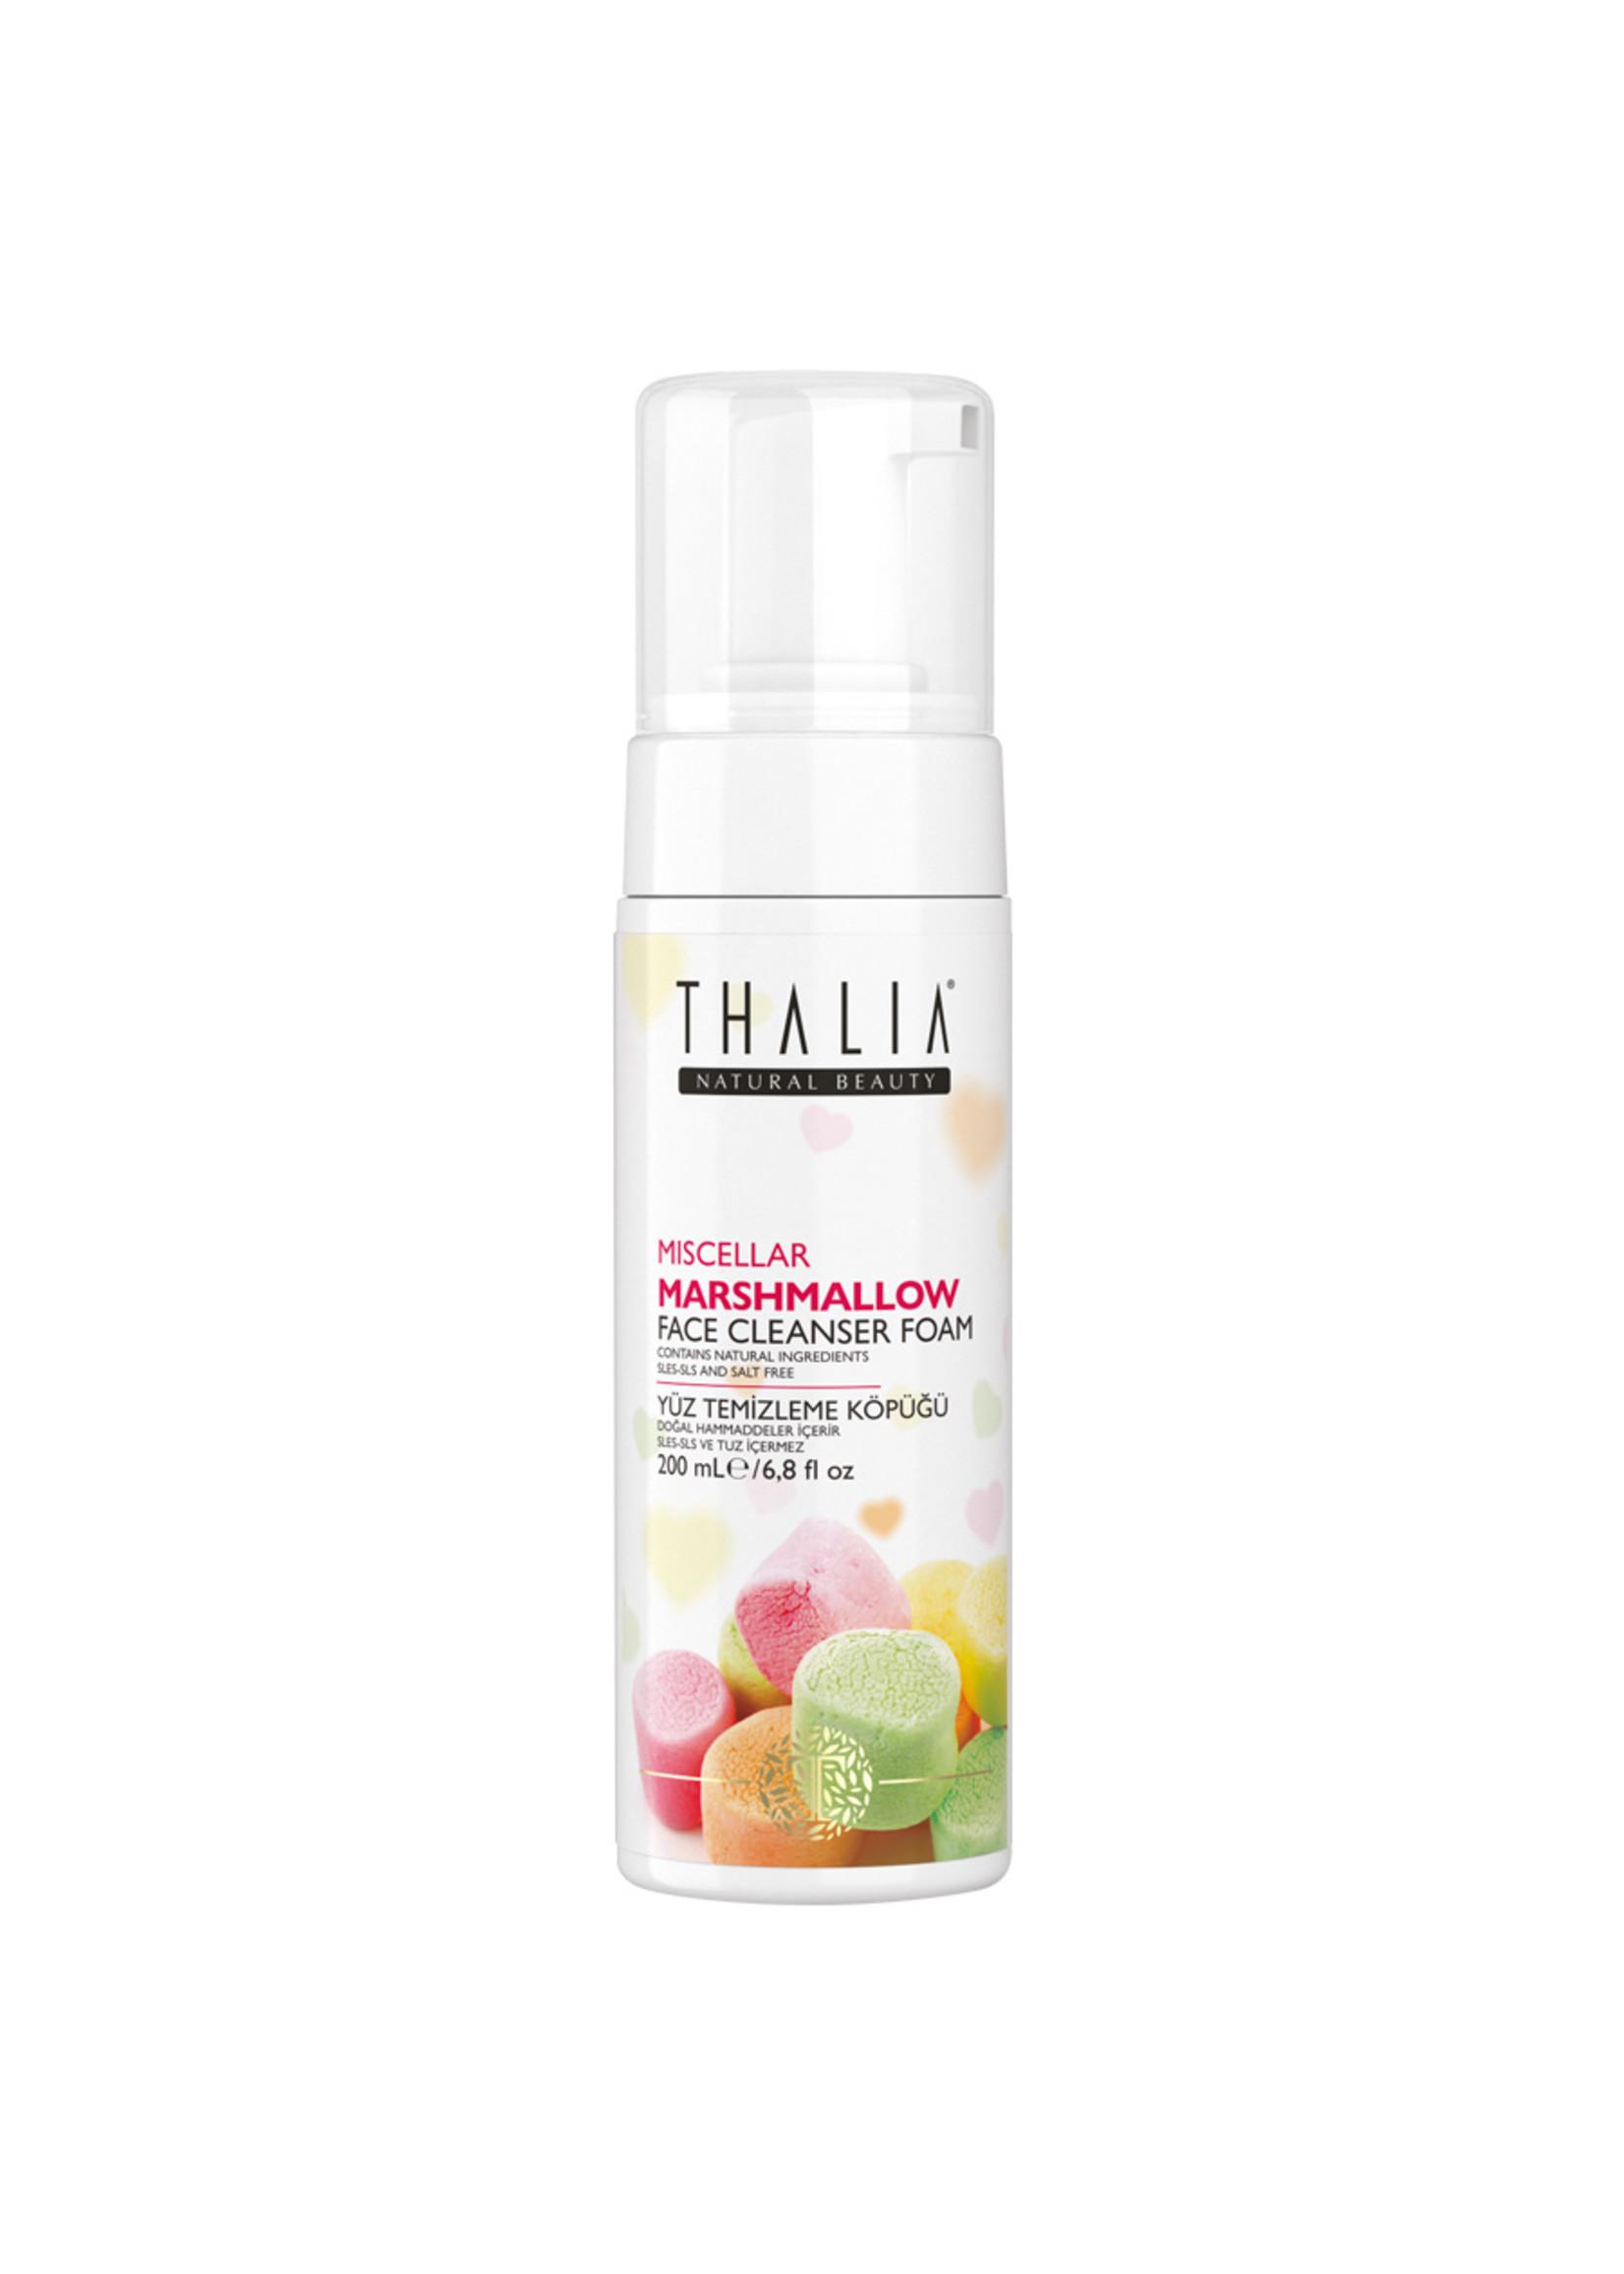 Thalia Marshmallow Yüz Temizleme Köpüğü - 200 ml